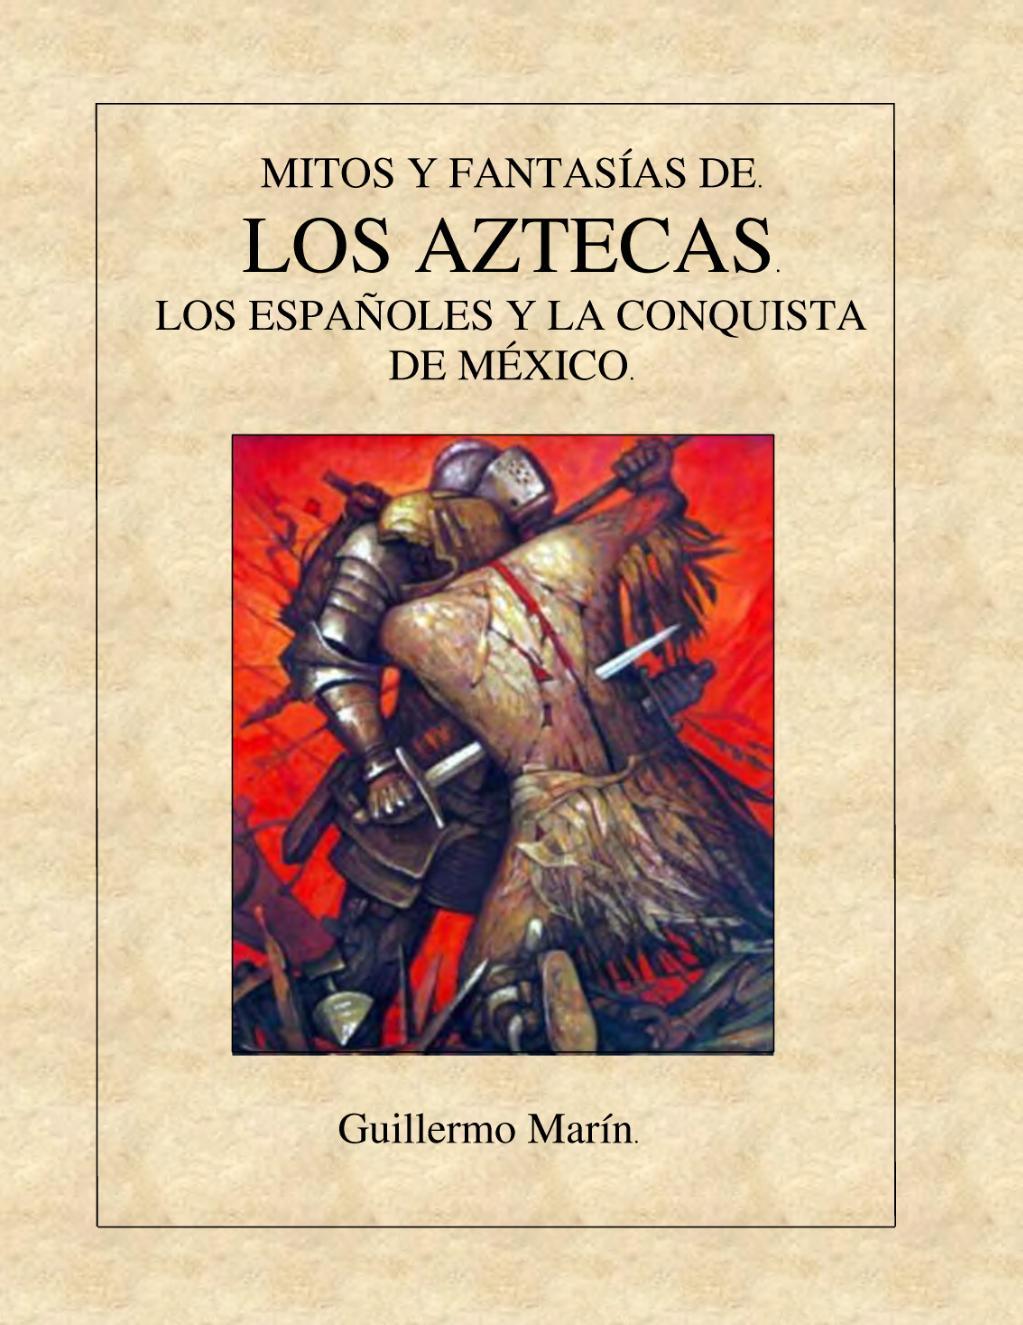 MITOS Y FANTASÍAS DE. LOS AZTECAS. LOS ESPAÑOLES Y LA CONQUISTA DE MÉXICO. Libro